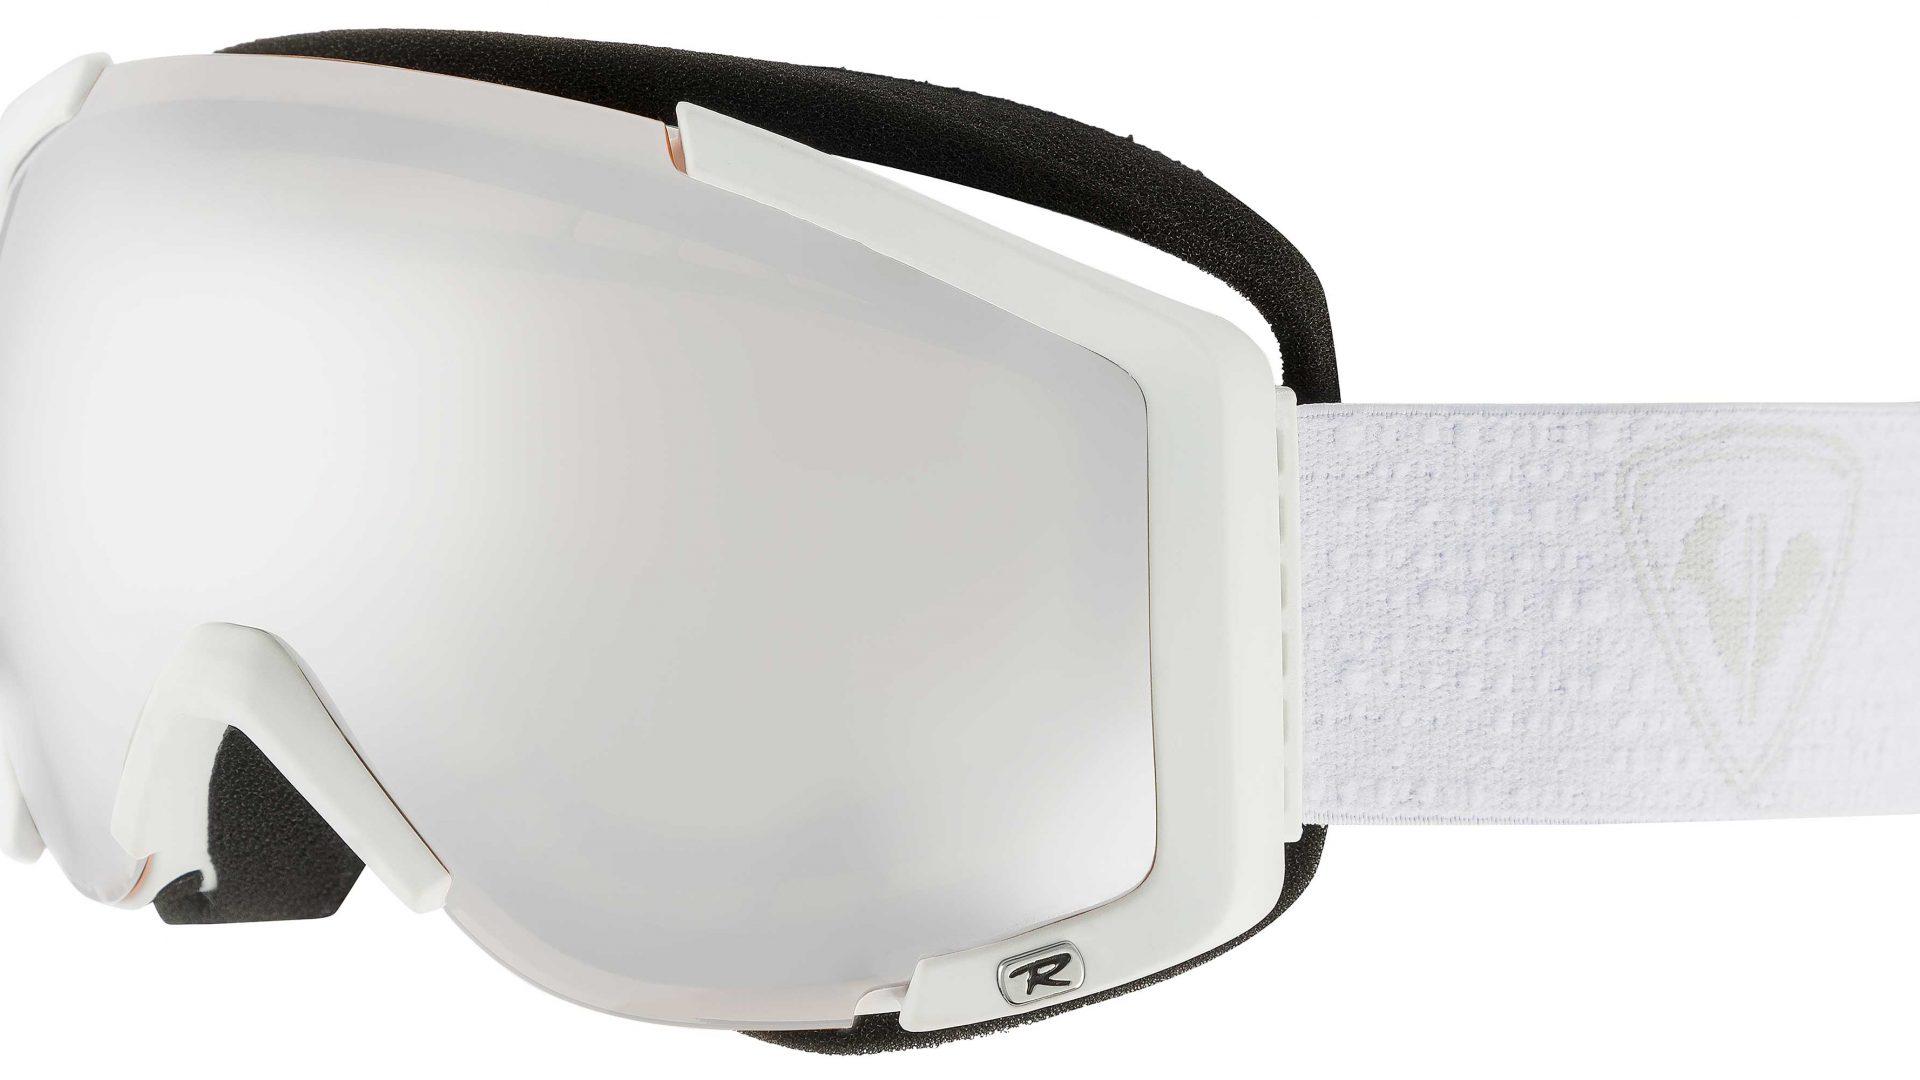 Rossignol FW20/21 Goggles